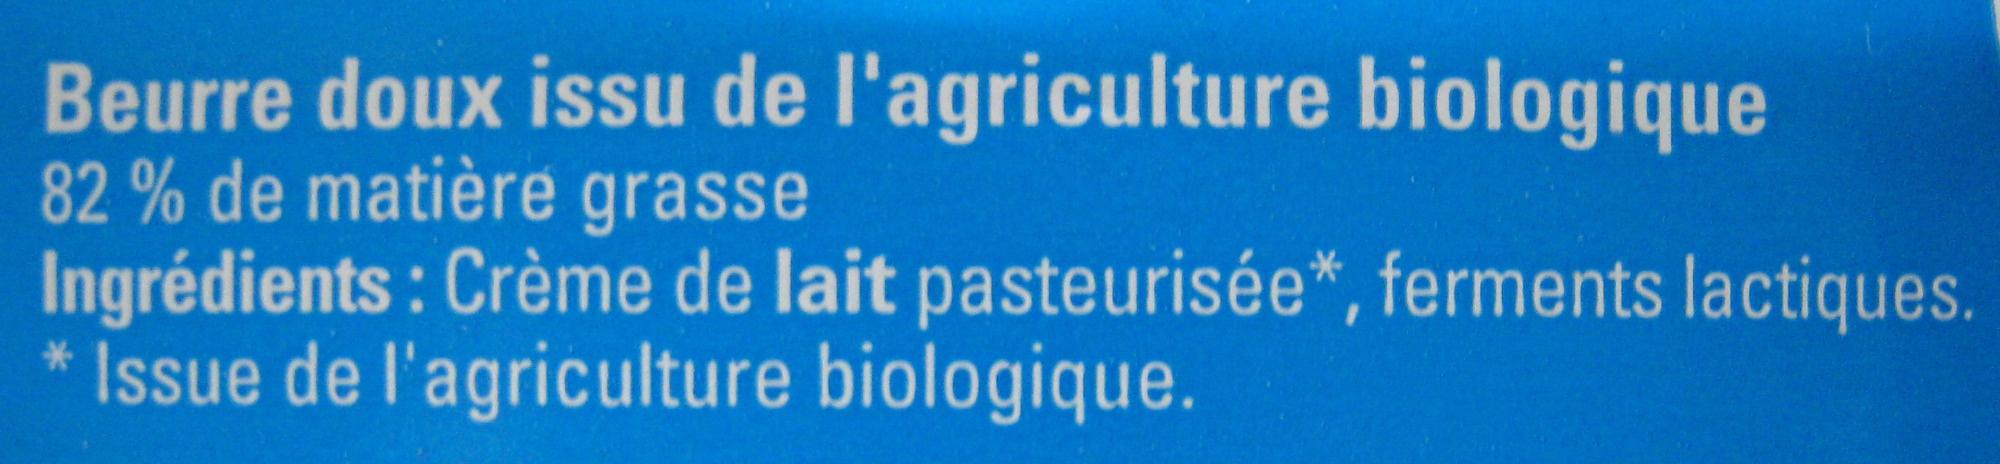 Beurre Doux Bio - Ingrédients - fr